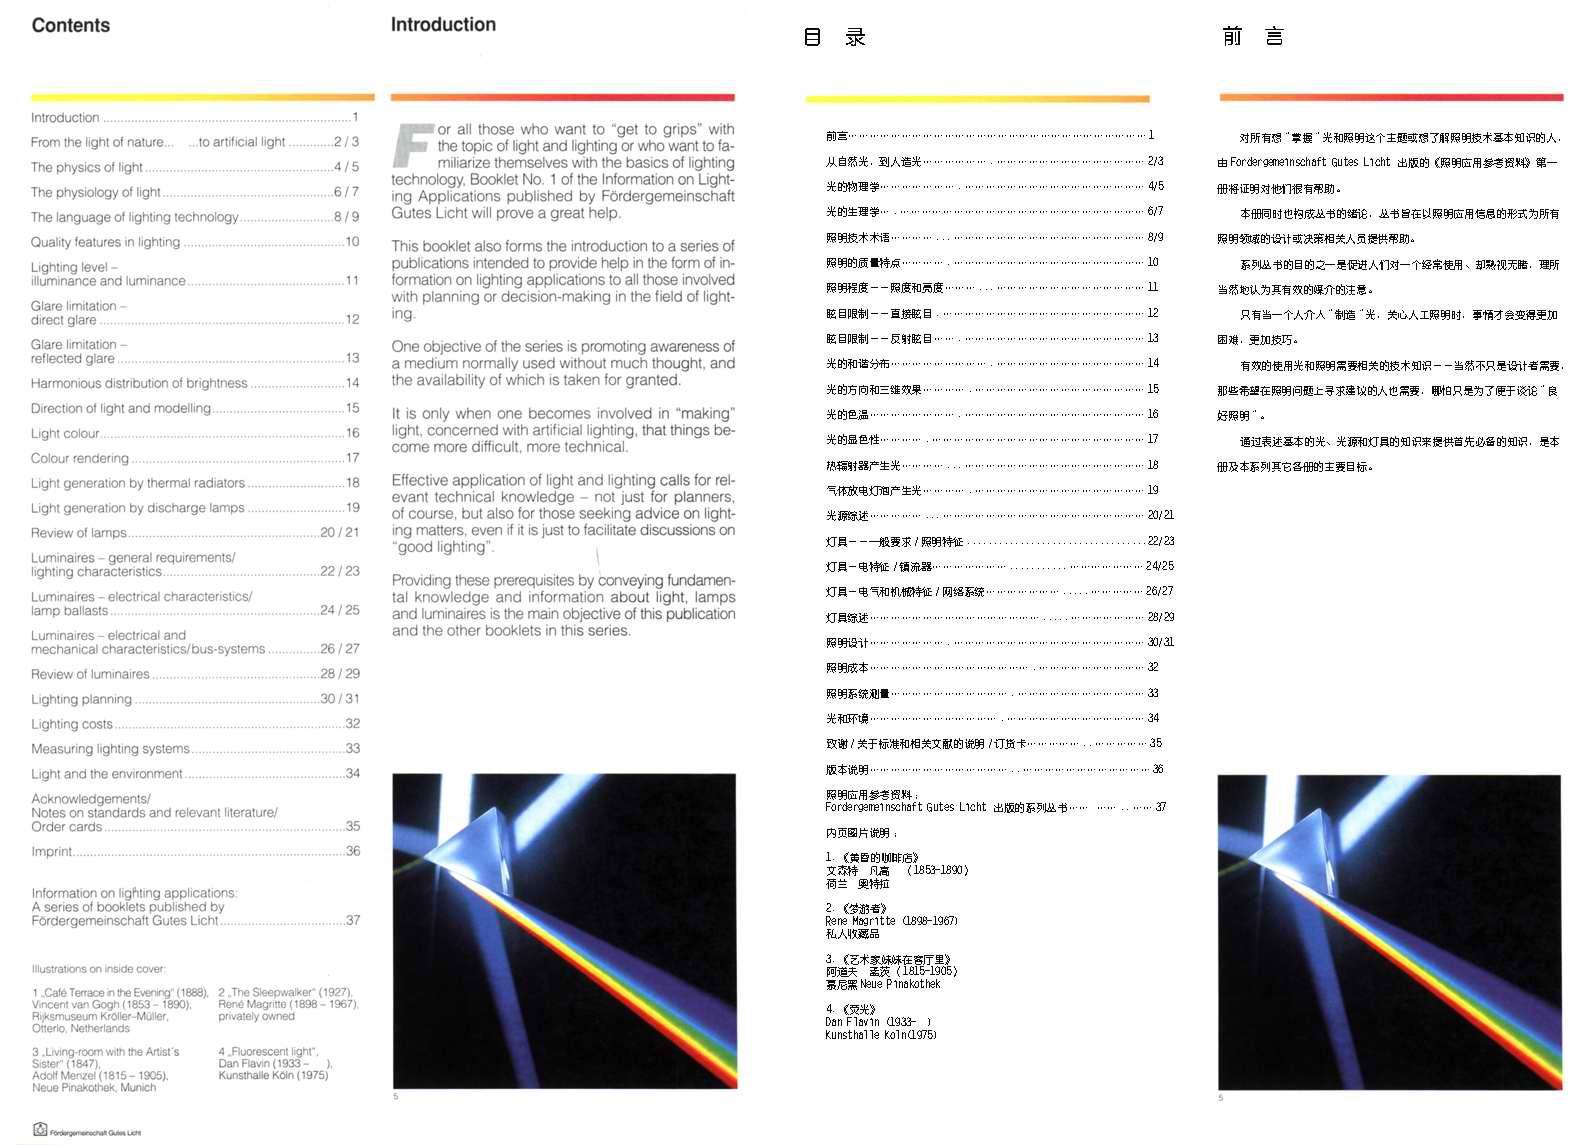 照明设计教程:人造光照明专业教程--(中英文对照版) (多图附:下载) - R站|学习使我快乐! - 3